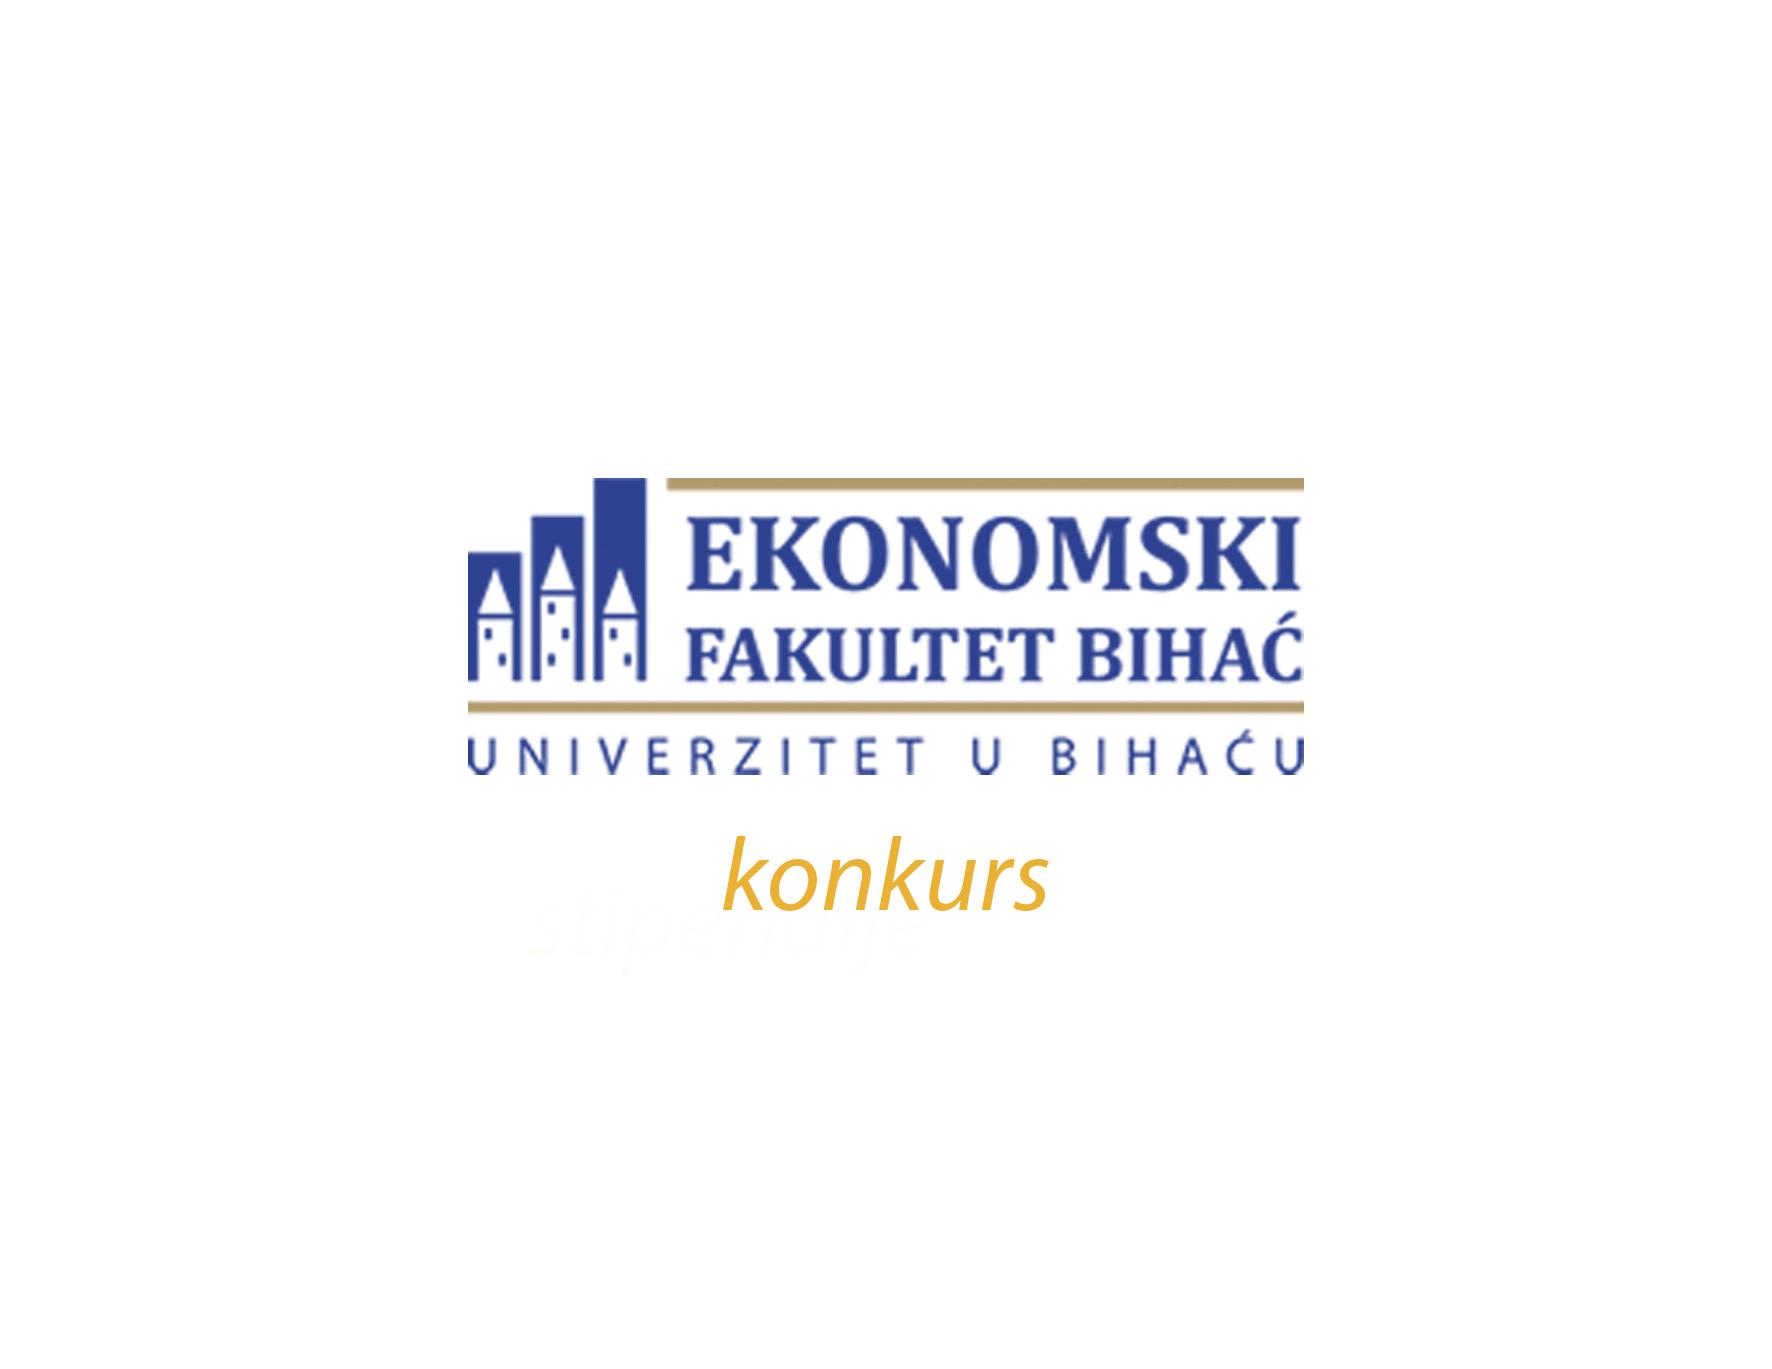 Ponovni konkurs na Ekonomskom fakultetu Univerziteta u Bihaću